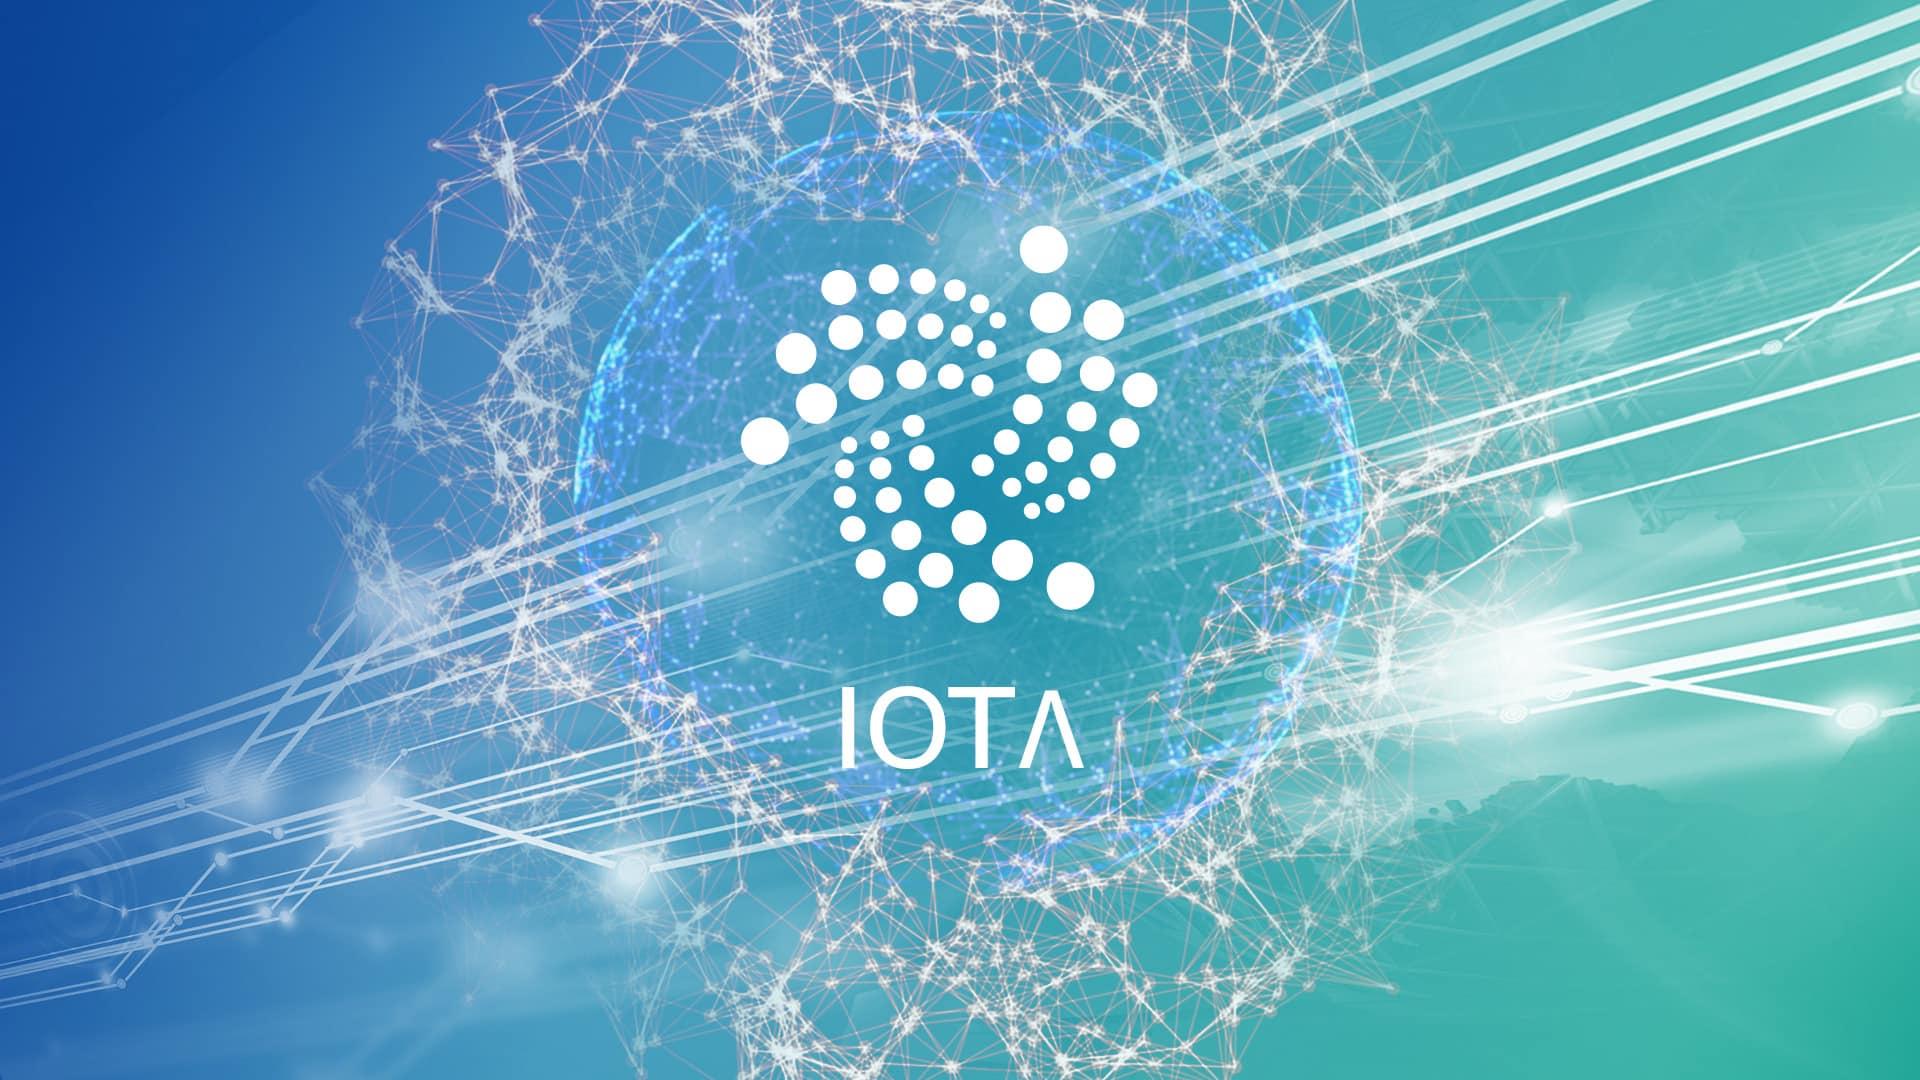 Iota Token